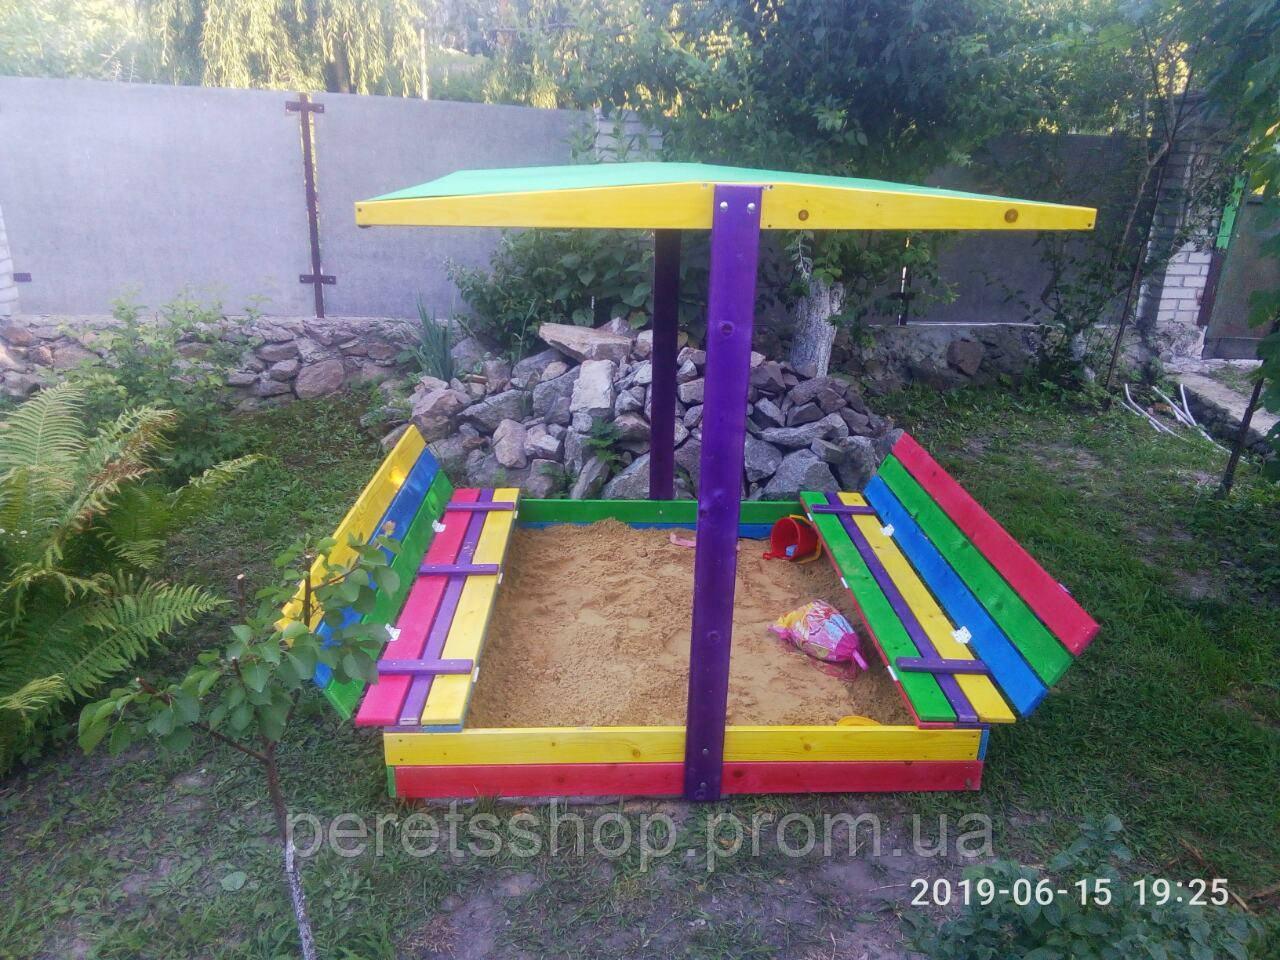 Песочница детская 120см*120см + подарок набор для песка